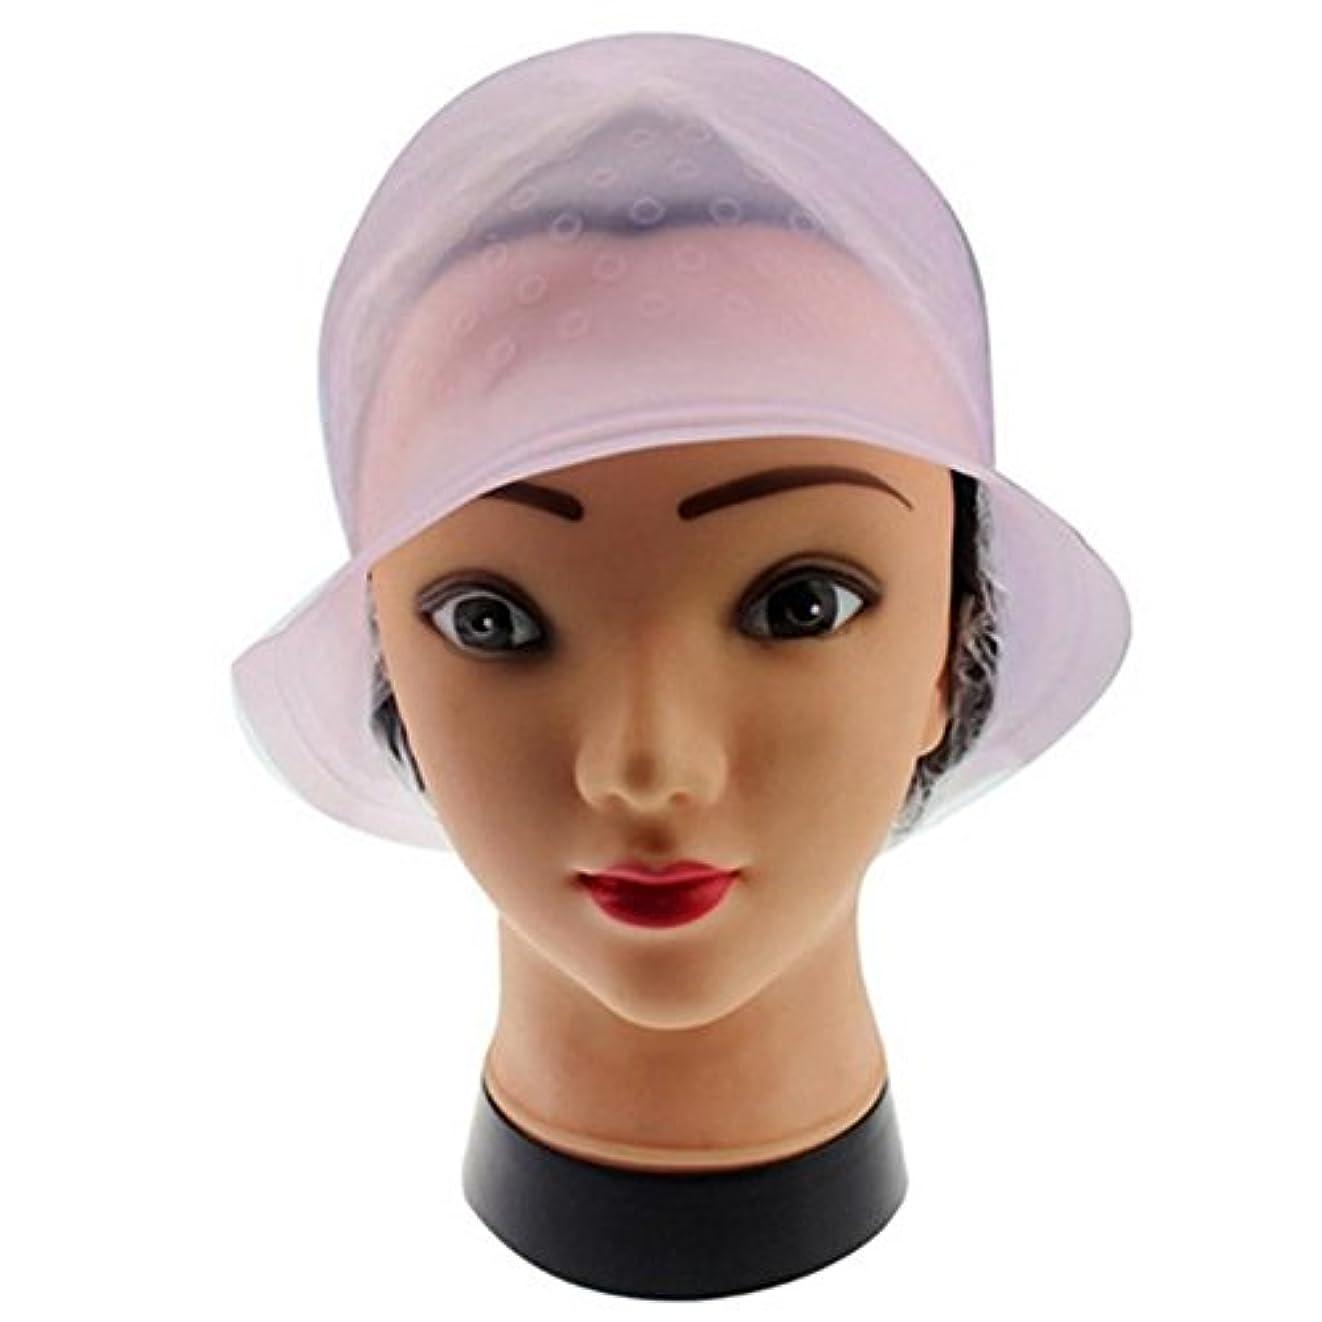 制限された香水名目上の染料フロスティングキャップ、再利用可能なシリコーンヘアカラーリングキャップ、髪を強調するキャップサロンヘアカラーリング染料キャップヘアスタイリングツール髪を染めるための針(紫の)